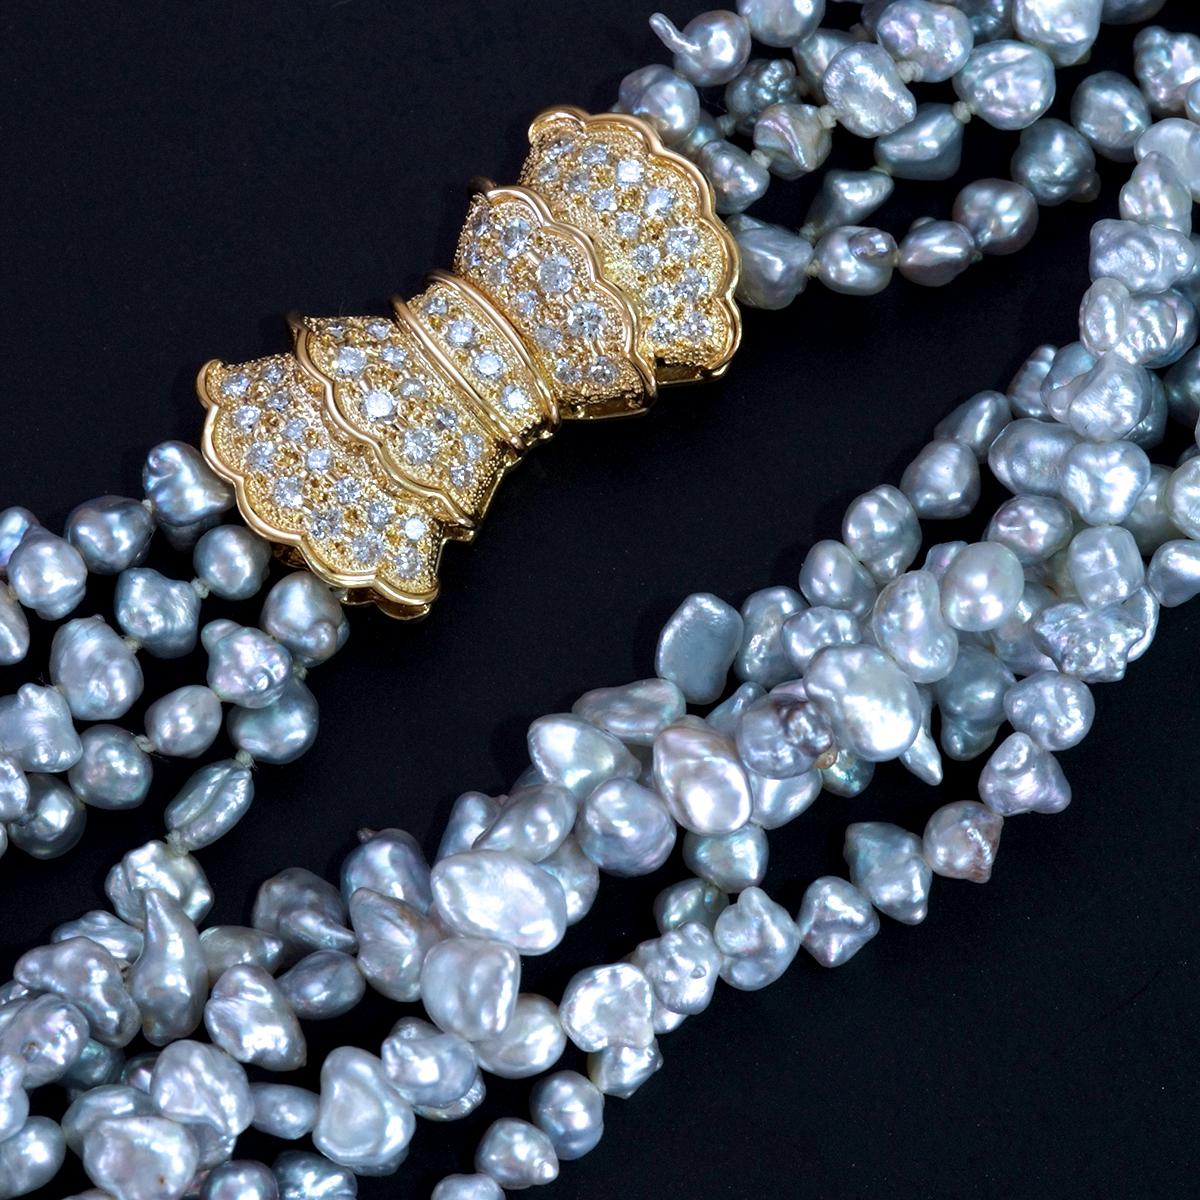 E8241 芥子真珠 天然絶品ダイヤモンド0.97ct 最高級18金無垢5連ネックレス 長さ40cm 重量48.3g バチカンの幅16.5×28.7mm_画像1